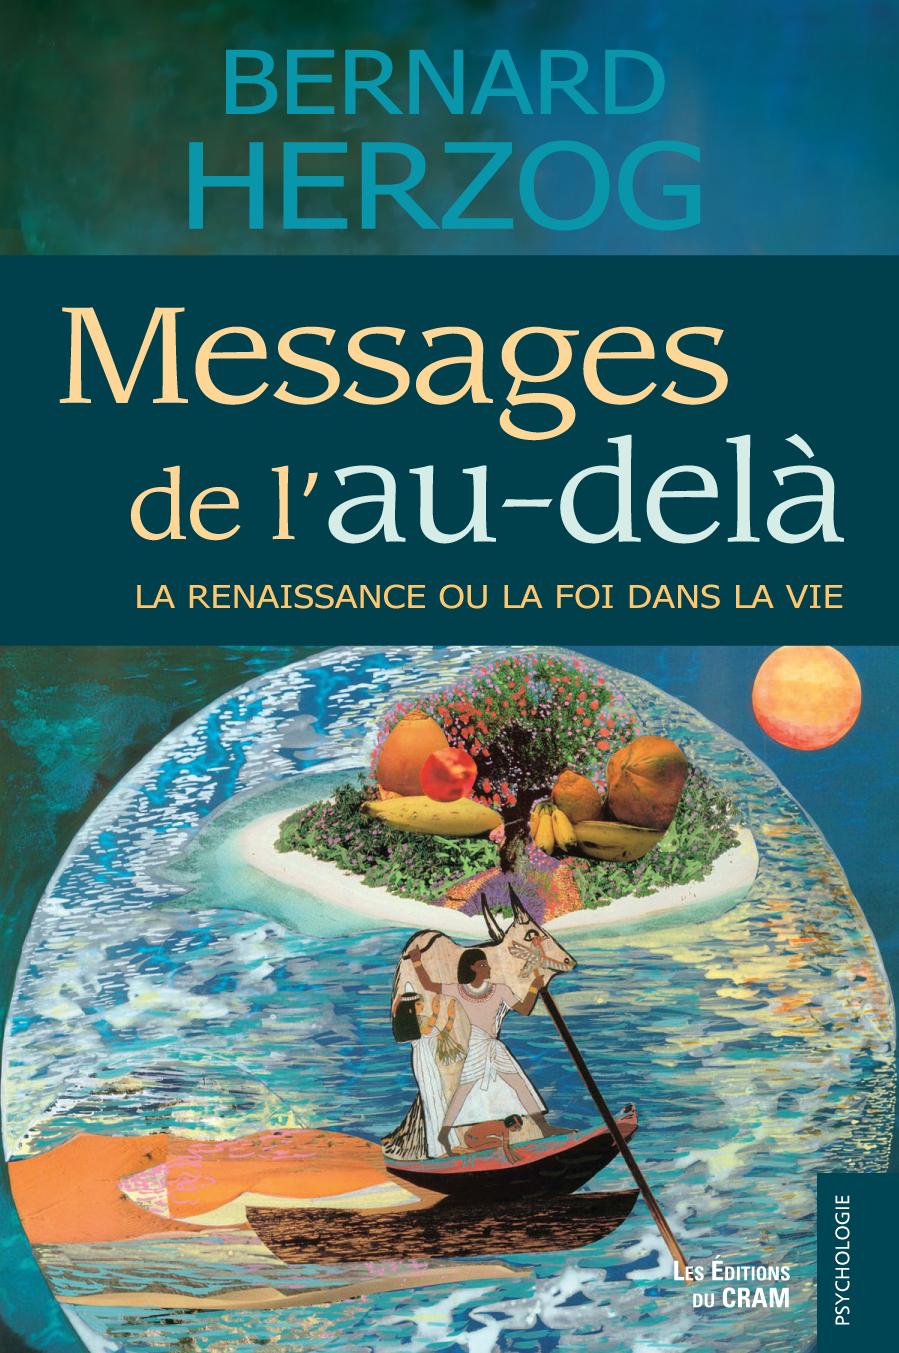 Messages de l'au-delà